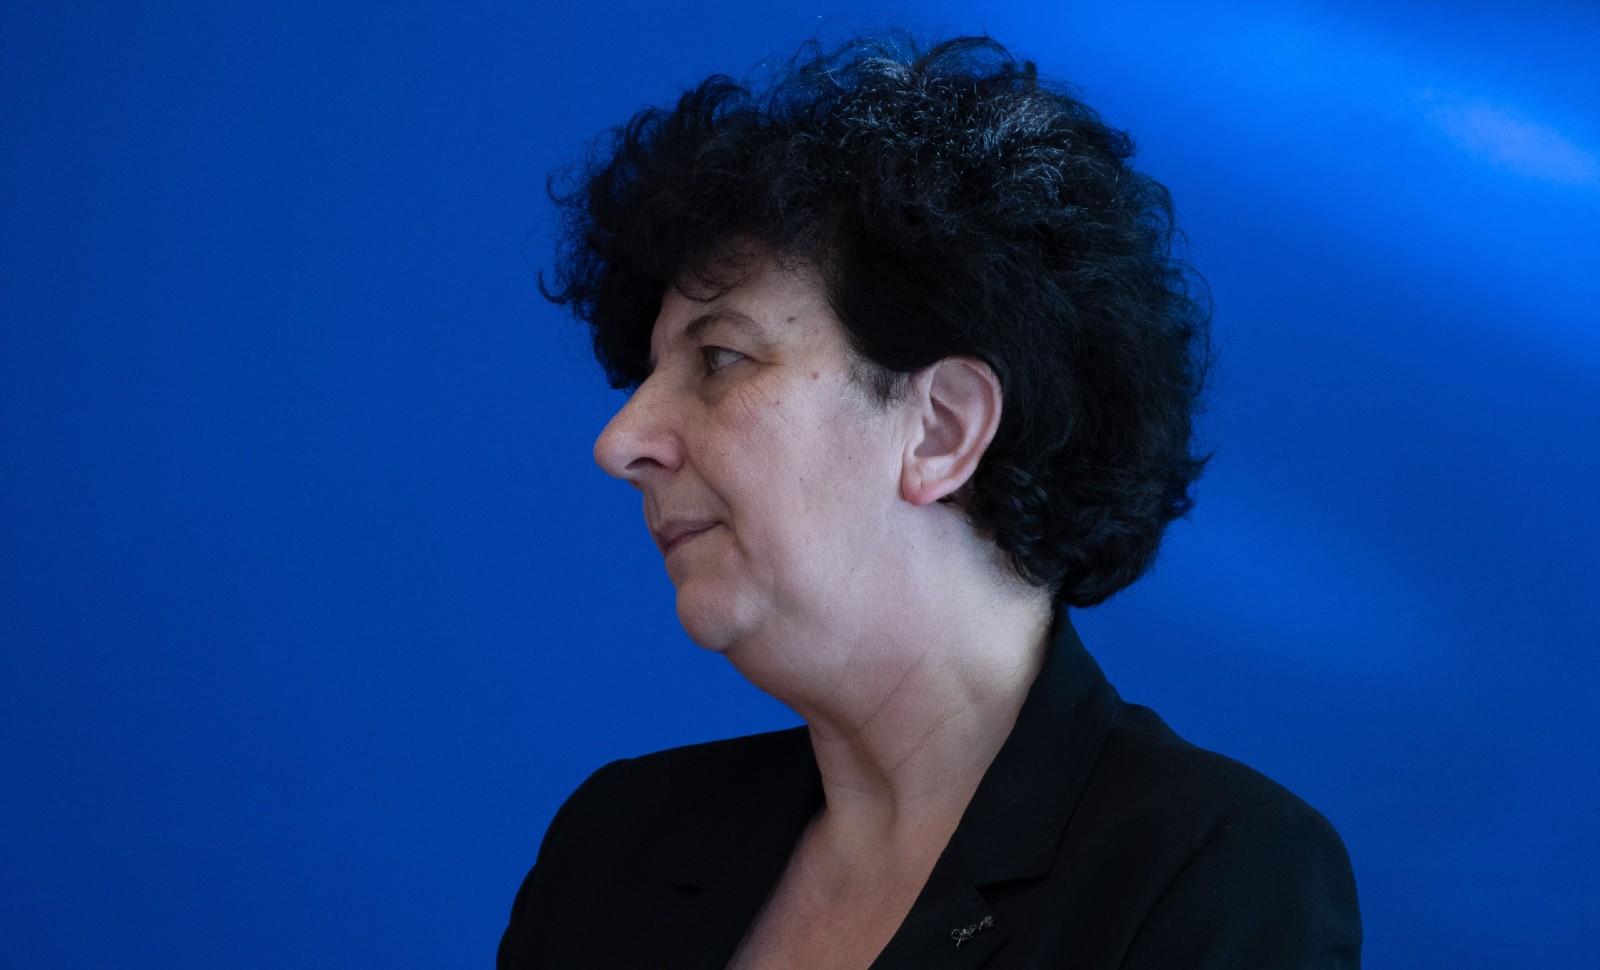 La ministre Frédérique Vidal a eu le courage de parler de l'islamo-gauchisme qui gangrène l'université française. Elle est depuis la cible des attaques de la gauche radicale et d'une partie de la presse française © MAXIME BIHOREAU/SIPA Numéro de reportage: 00944089_000018